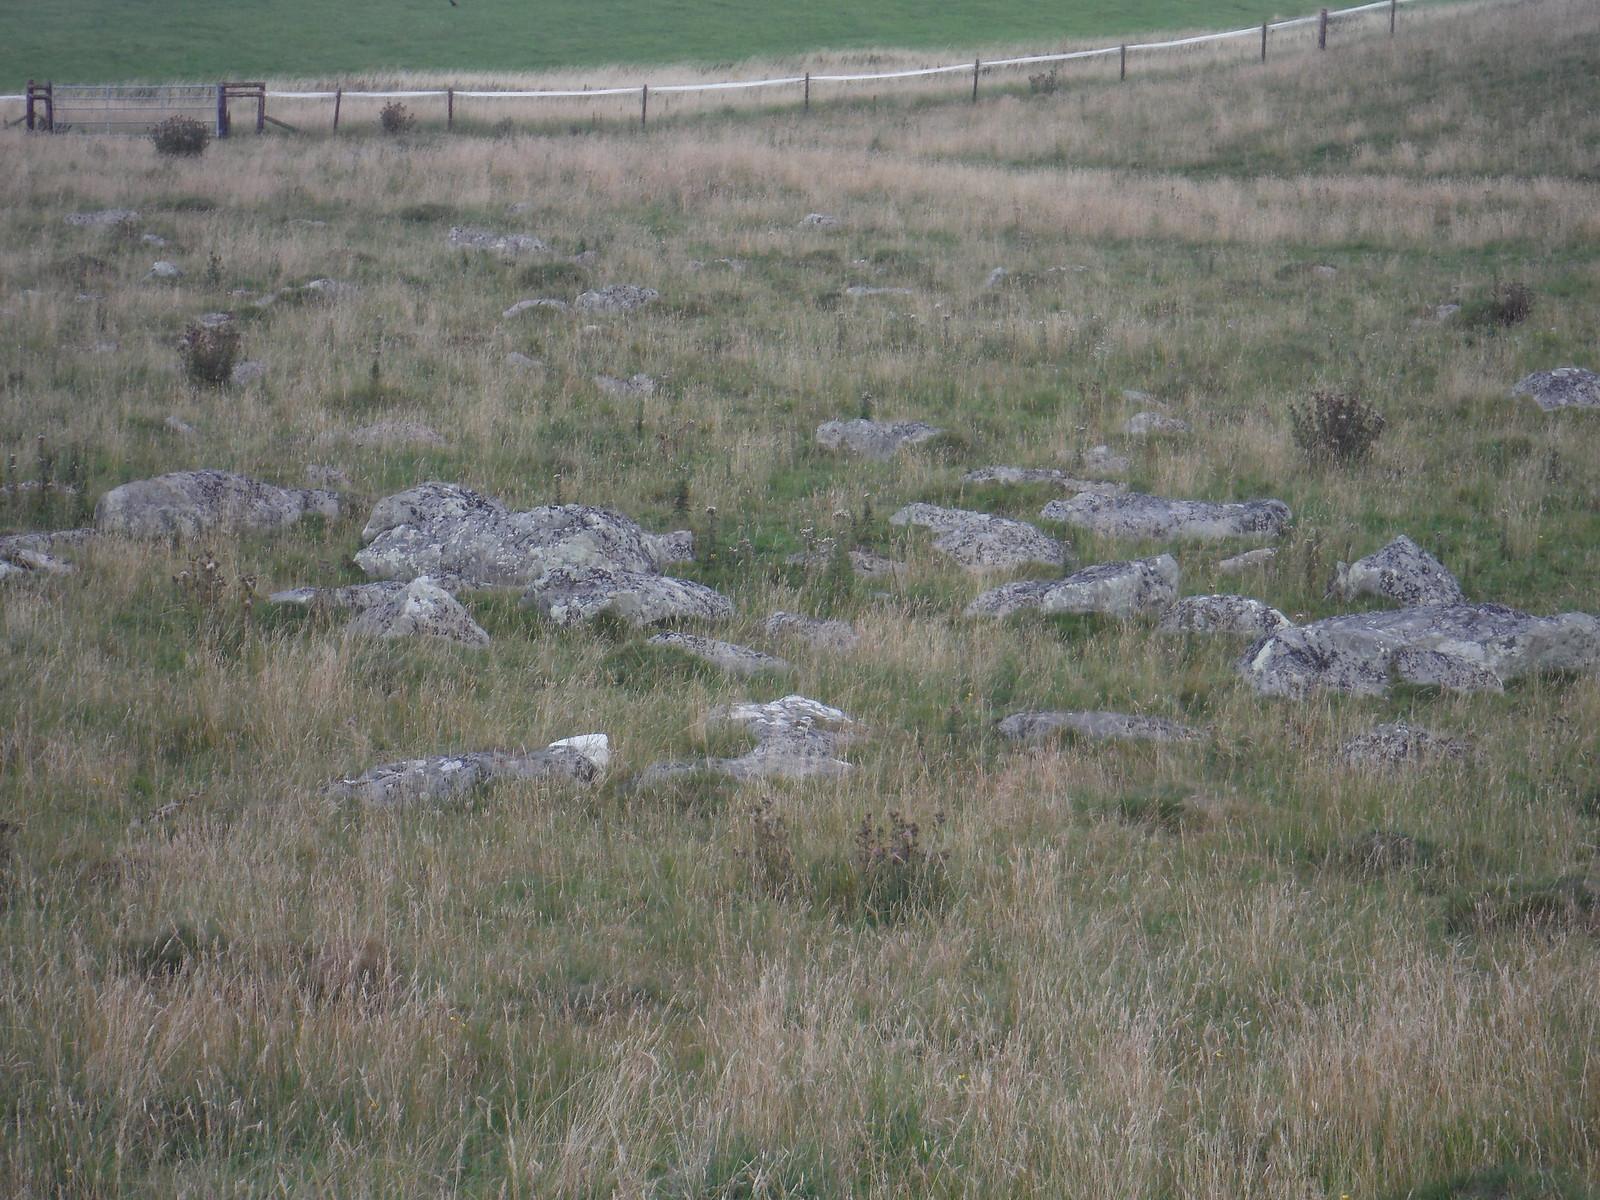 Fyfield Down Sarsen Stone Field, Detail SWC Walk 255 Pewsey or Marlborough Circular via Avebury